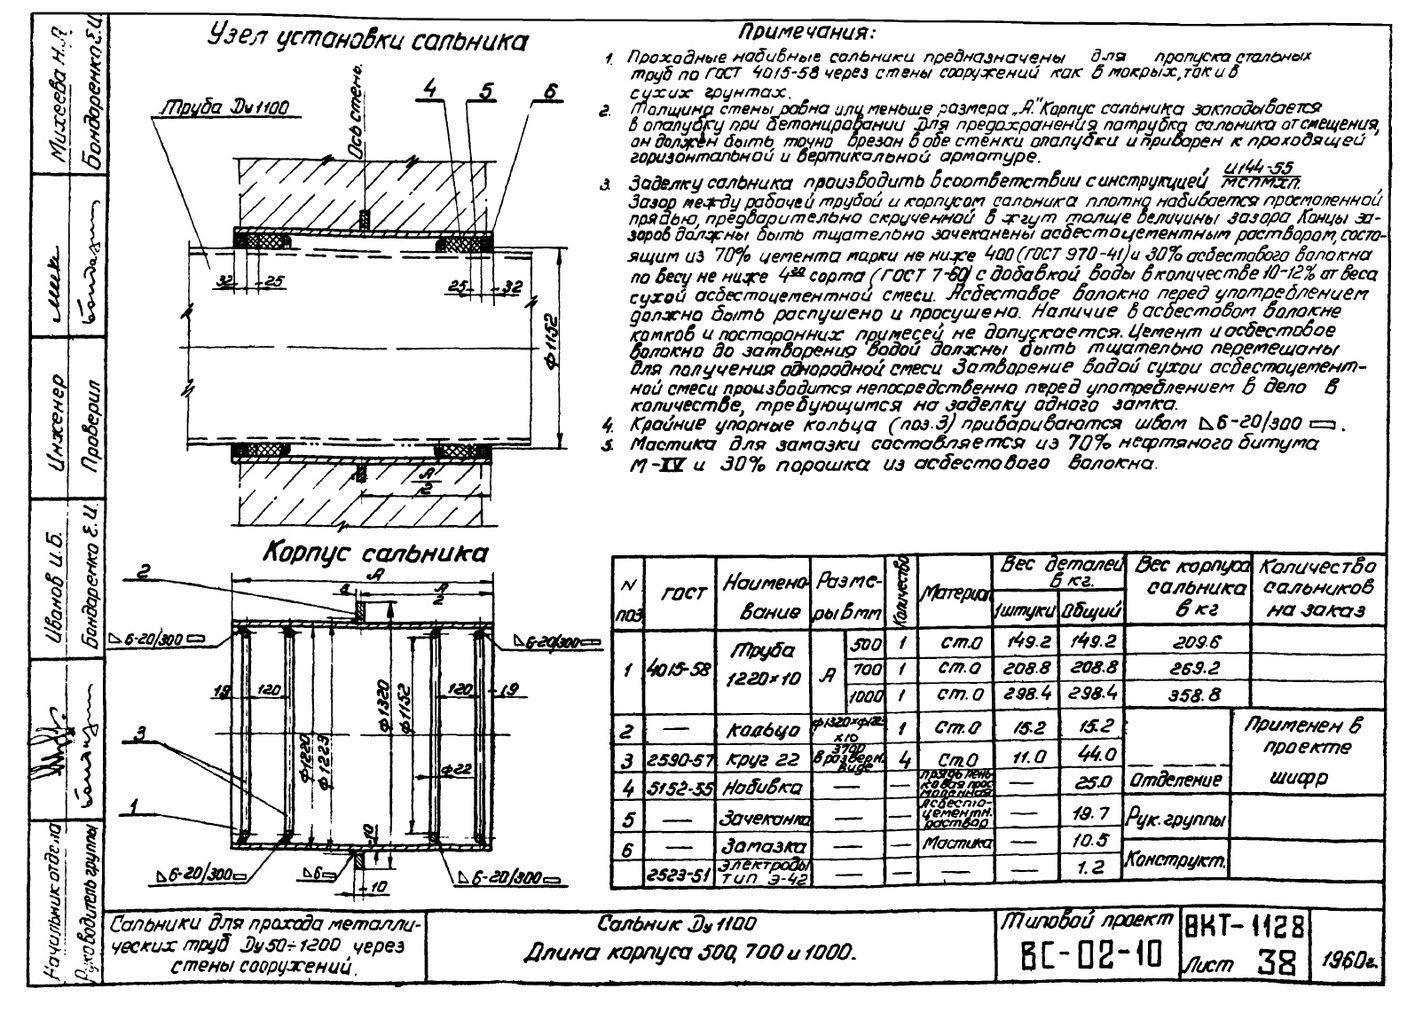 Сальники набивные L = 500 мм типовой проект ВС-02-10 стр.18